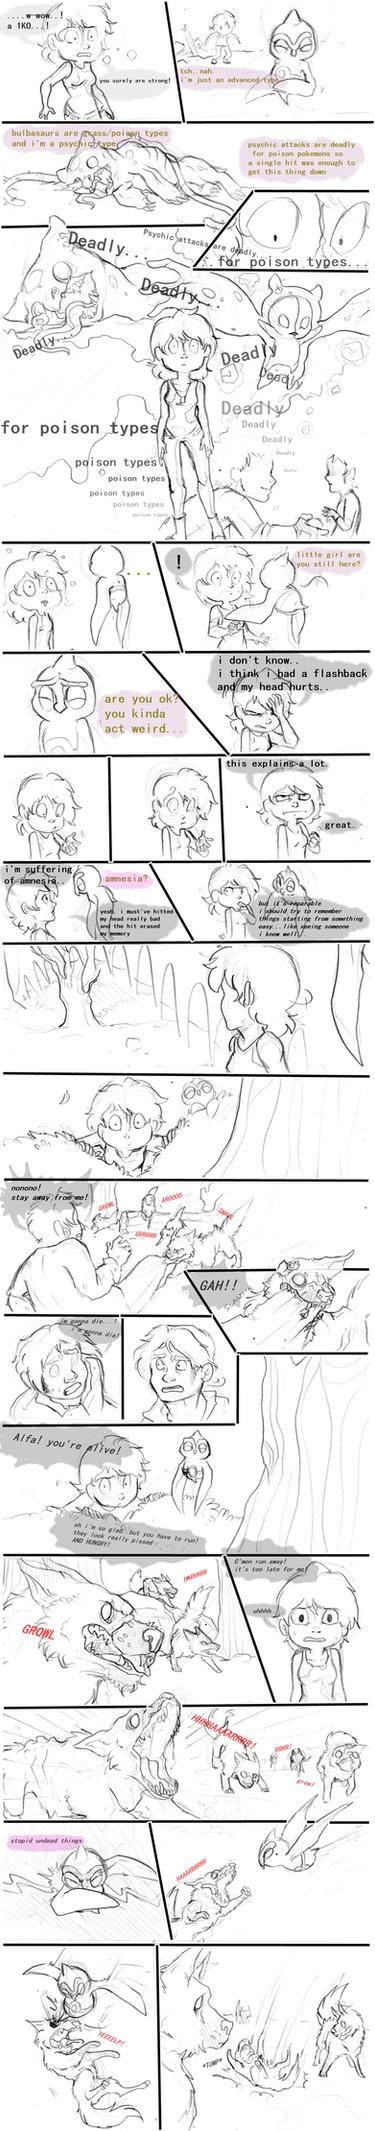 Alfa's Snakewood Nuzlocke-page 2 by xXAlfaX